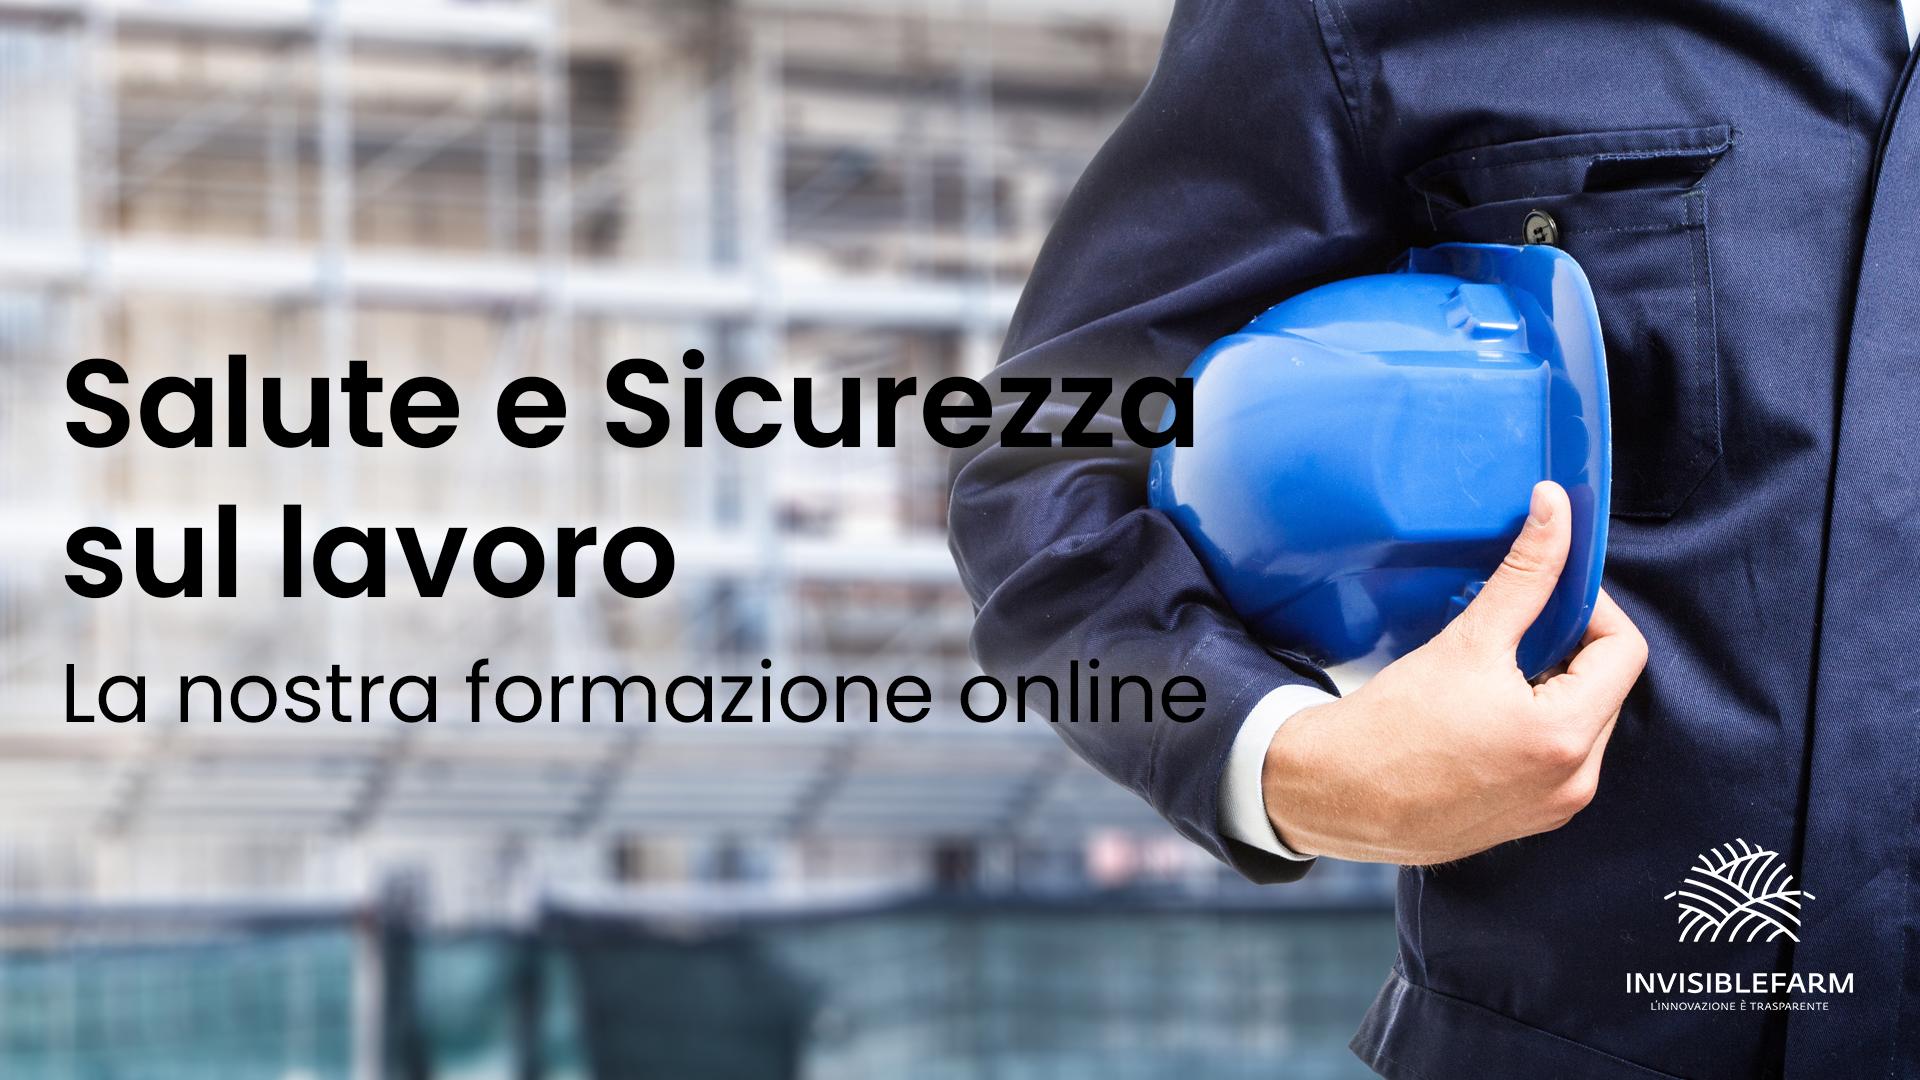 La nostra formazione online dedicata alla salute e sicurezza sul lavoro